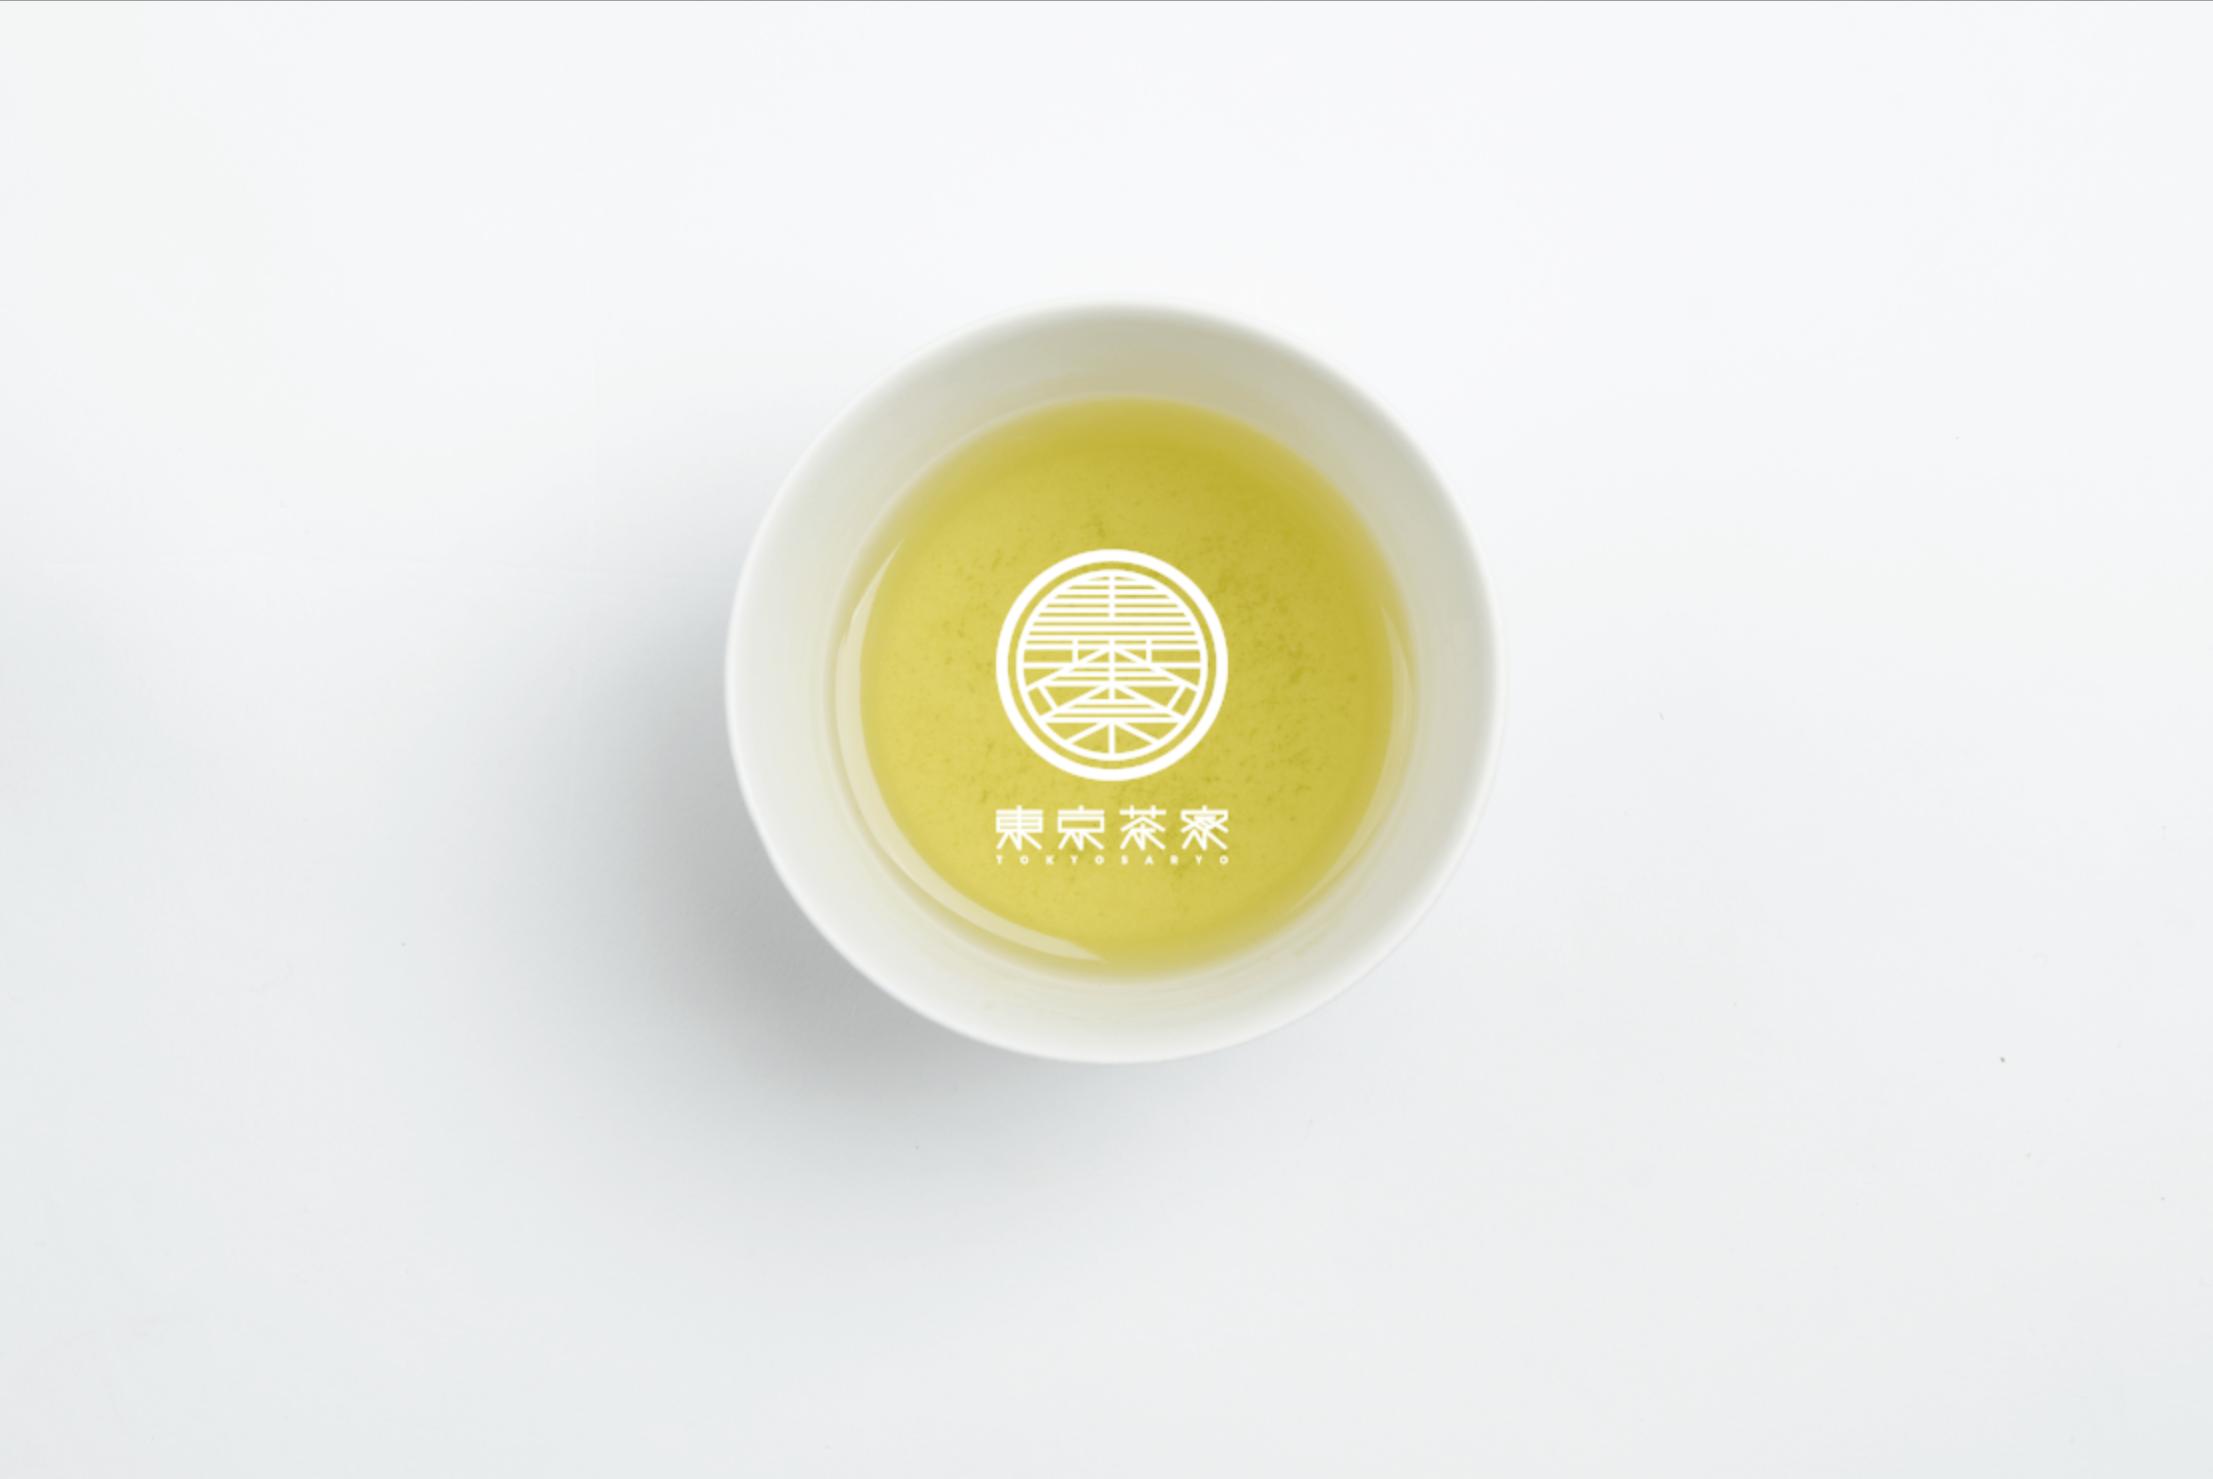 用手冲咖啡的方式品茶!东京开设全球首家手冲绿茶店